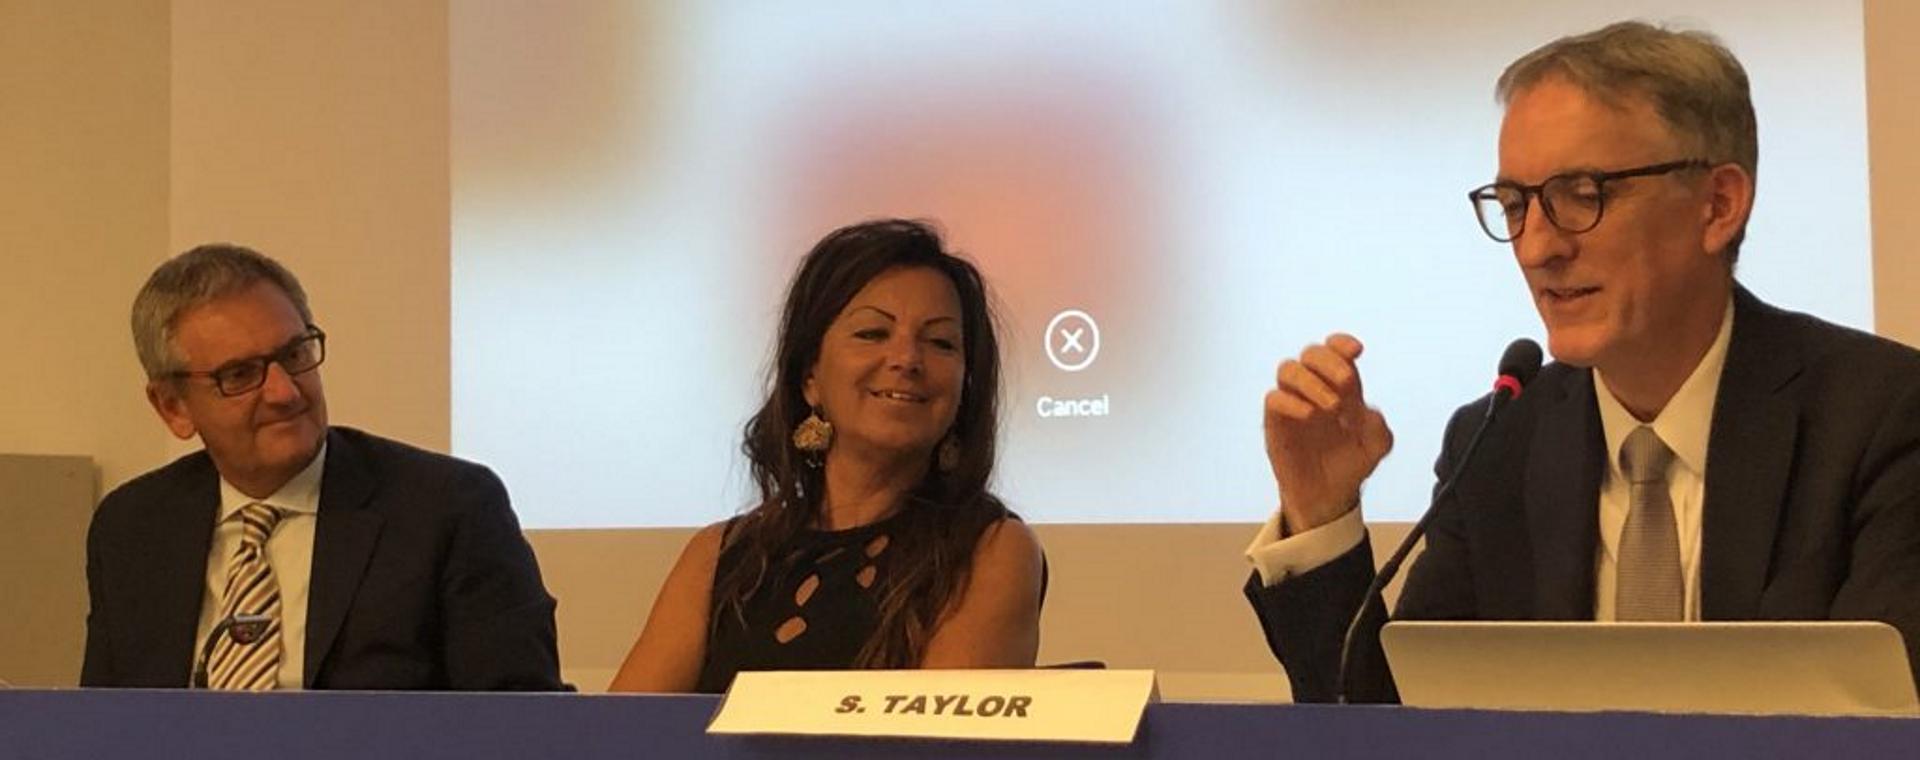 Big Data, Deep Science: appuntamento con il futuro a Trieste Next 2019